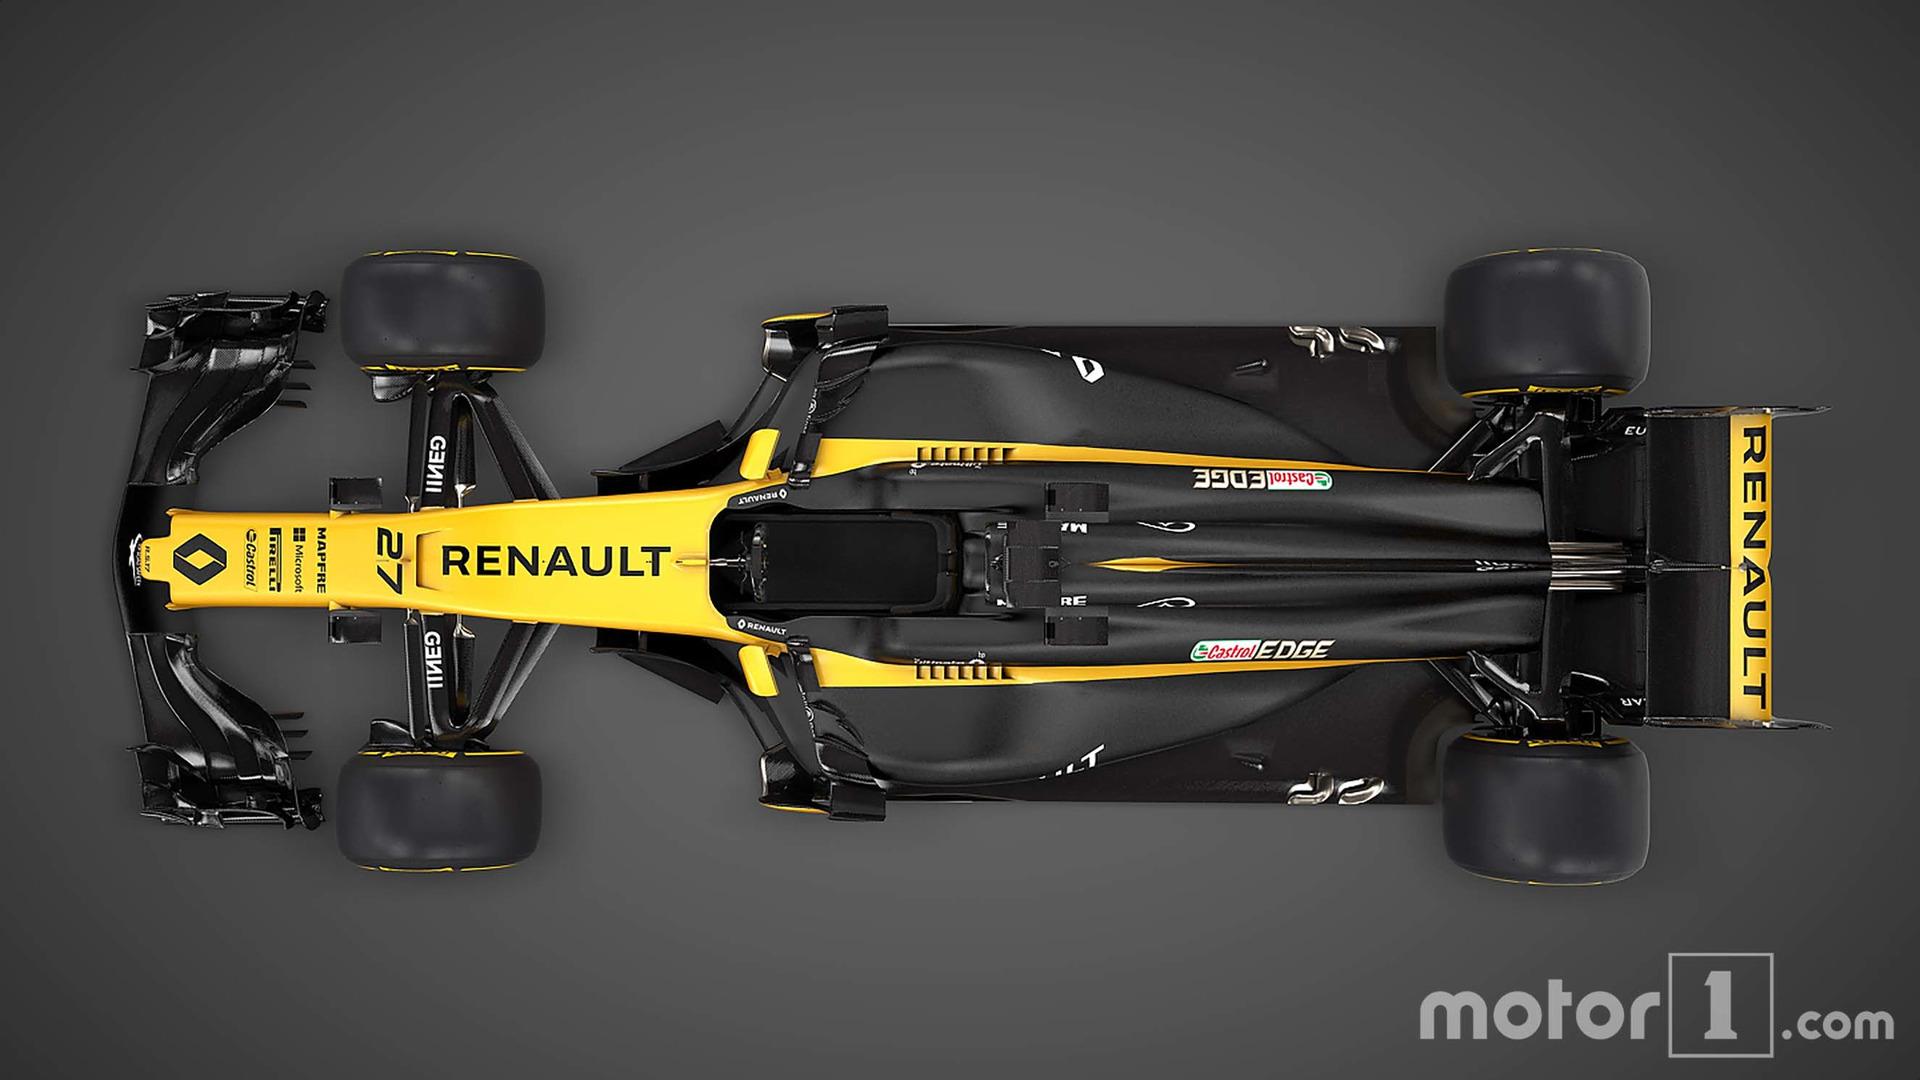 Renault F1 Rs17 2017 Motor1com Fotos